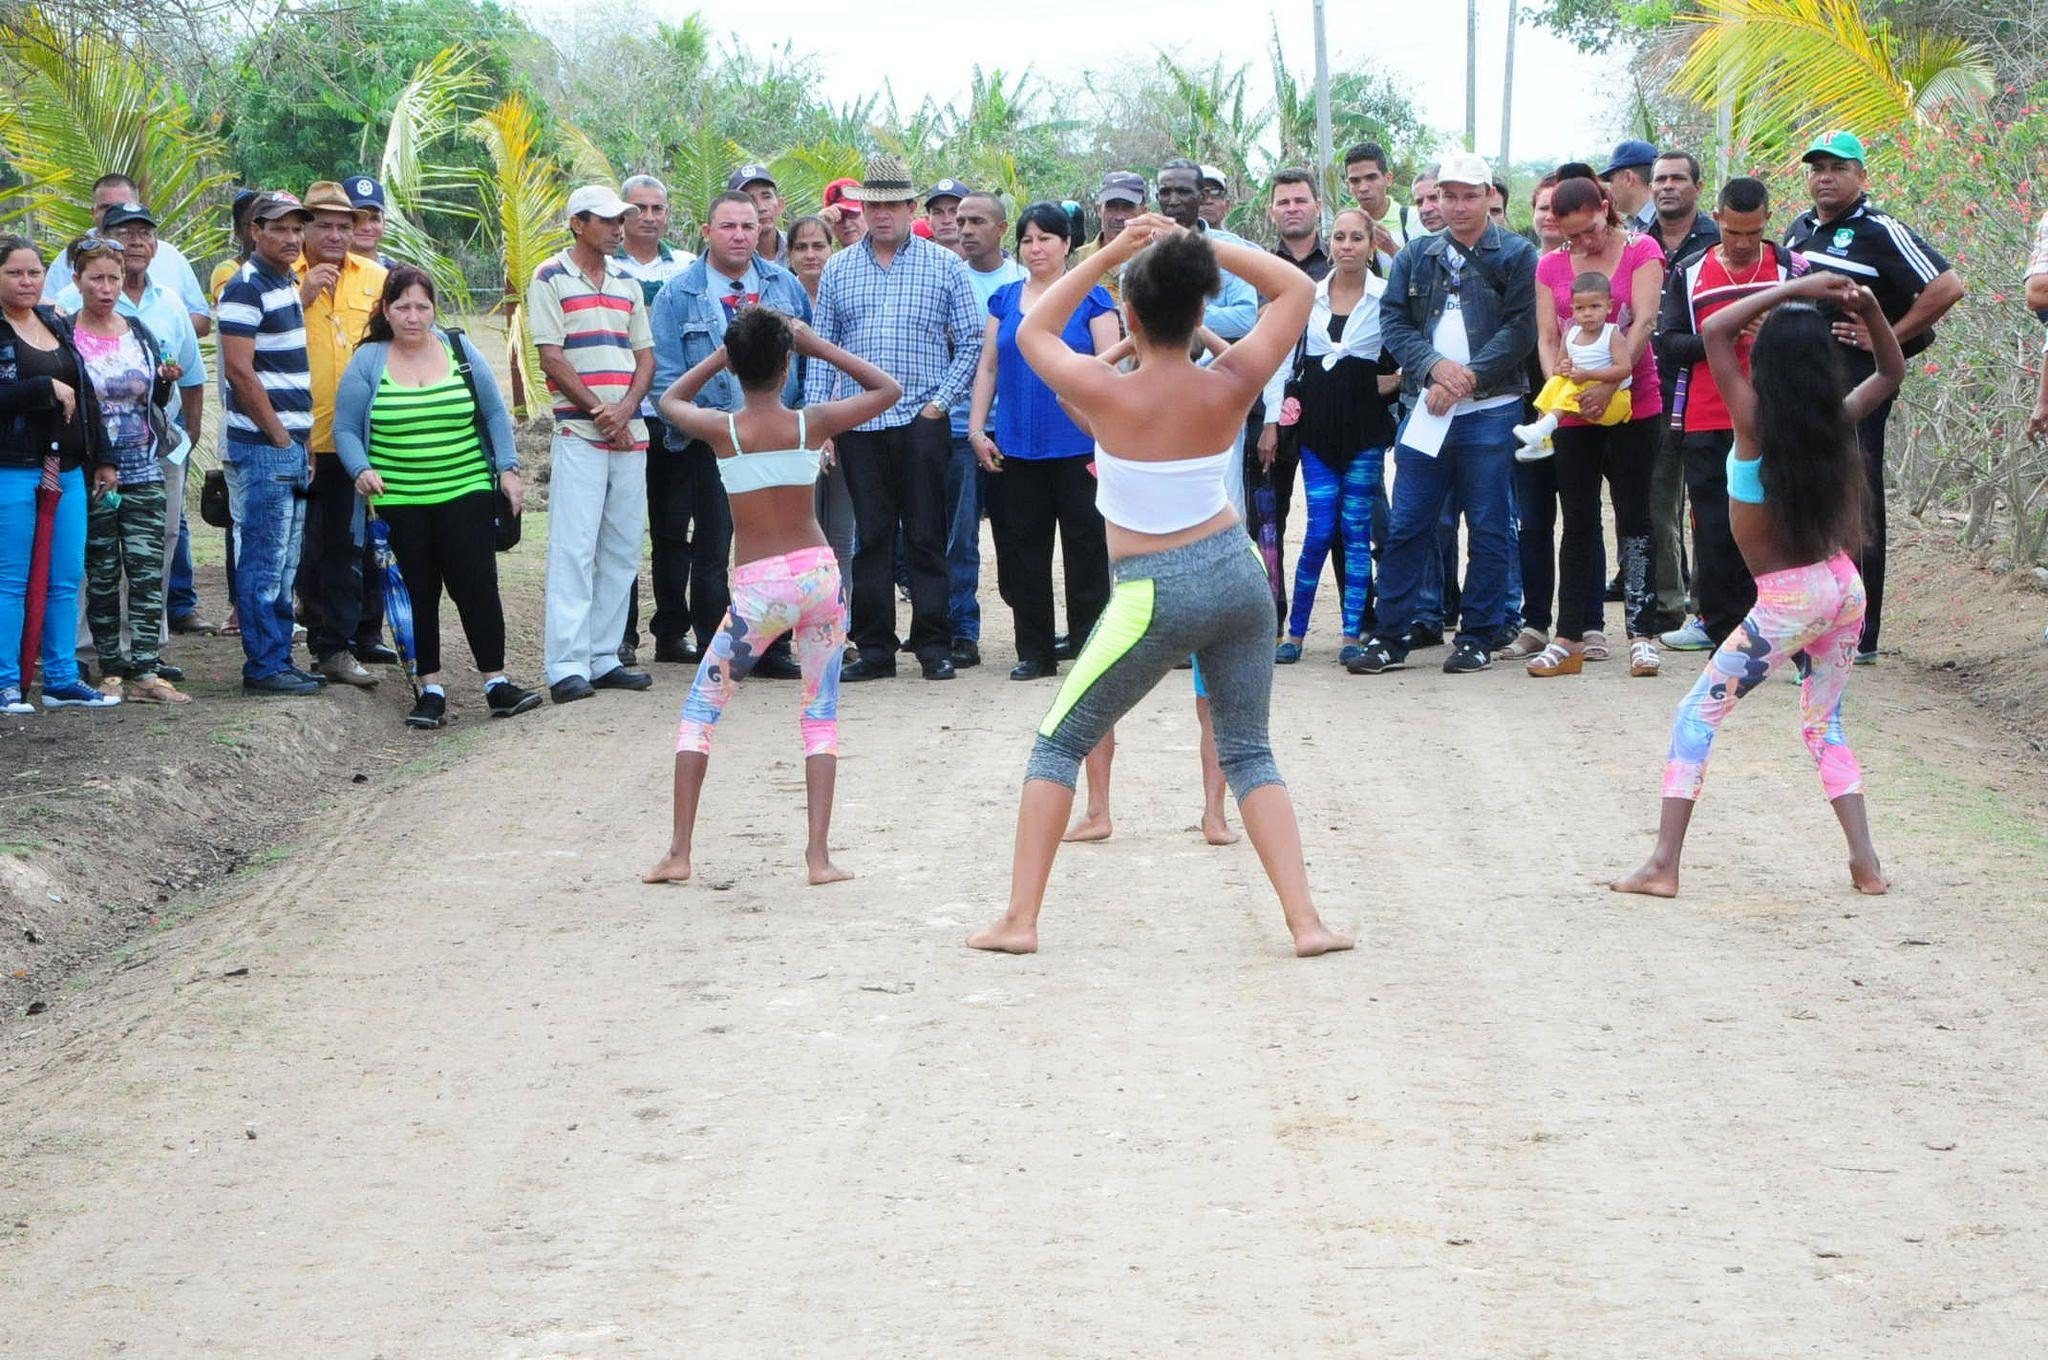 https://flic.kr/p/UaR16E | anacahuita las tunas (10) | proyecto comunitario Anacahuita, Las Tunas, fotos: Chimeno